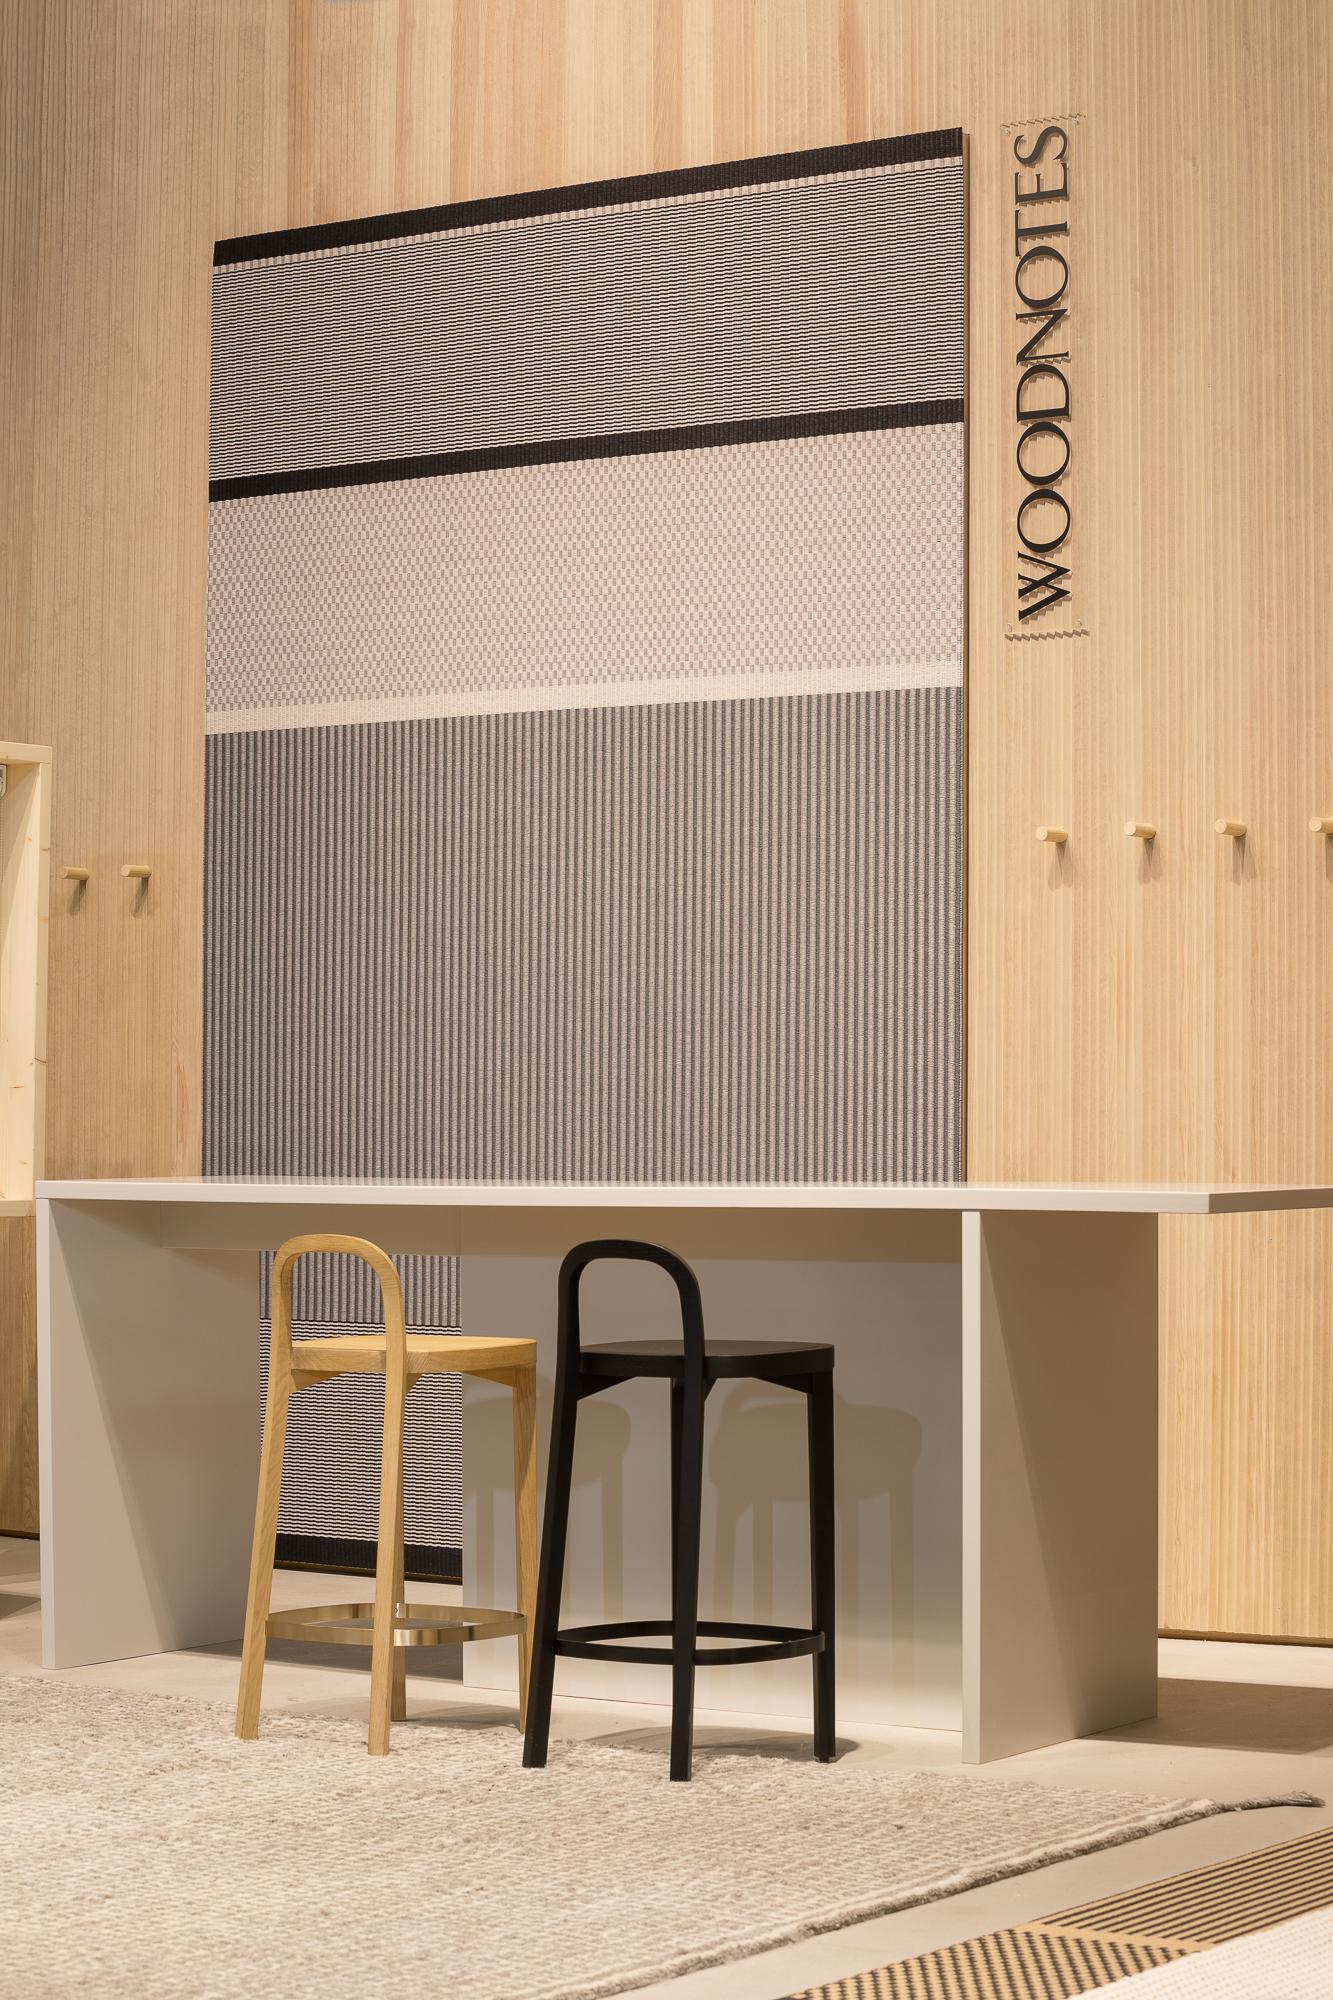 San Francisco  paper yarn carpet col. nutria-black on the wall and Siro+ bar stools looks nice together. /  Seinällä on    San Francisco    paperinarumatto väri: nutria-musta ja Siro+ baarituolit näyttävät hyvältä yhdessä.